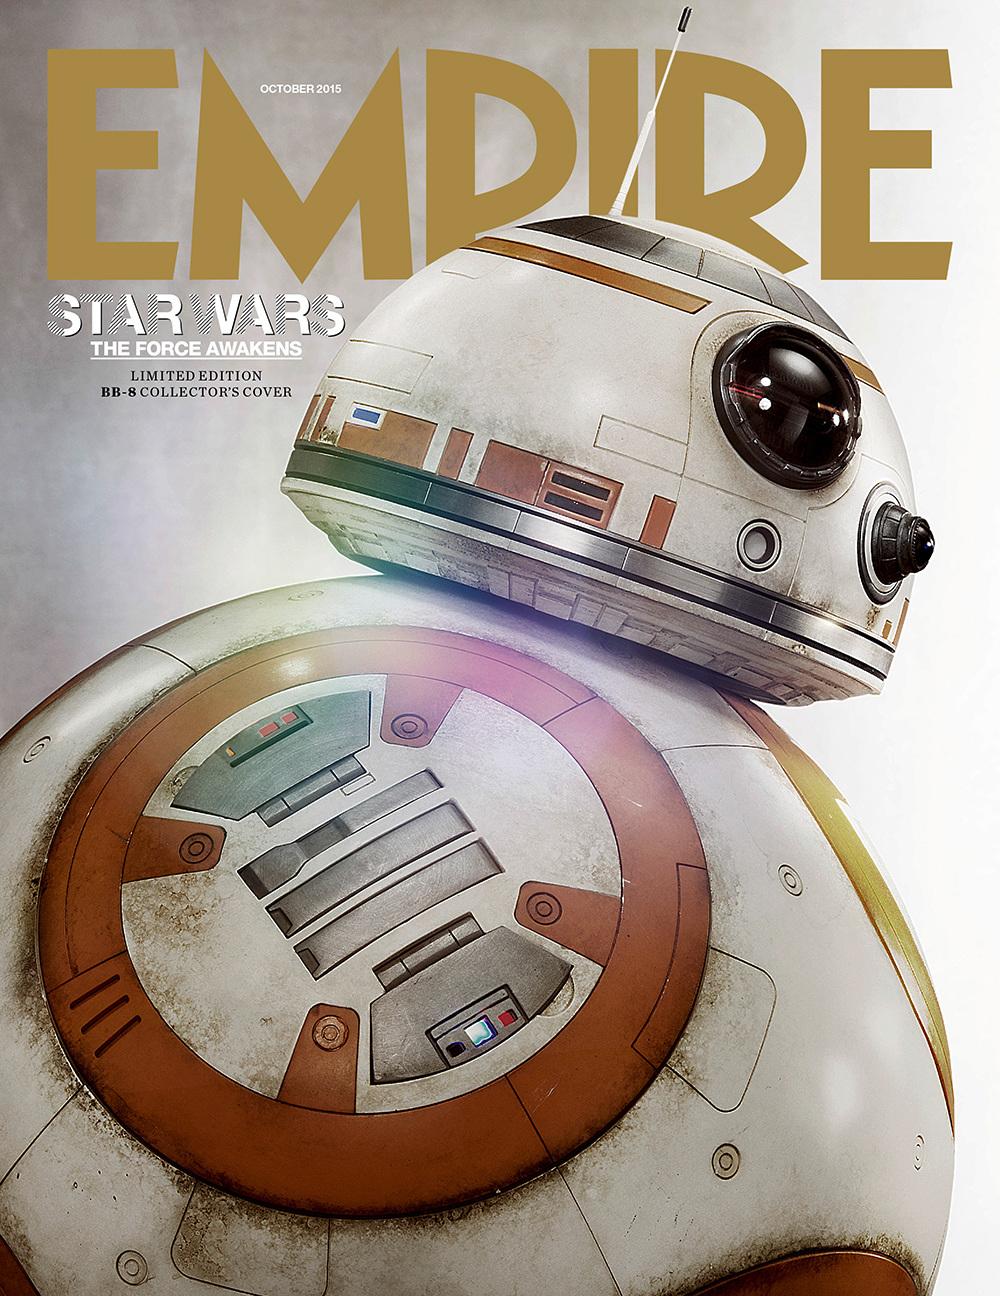 Star Wars: Episodio VII - Il Risveglio della Forza - La copertina di Empire dedicata a BB-8